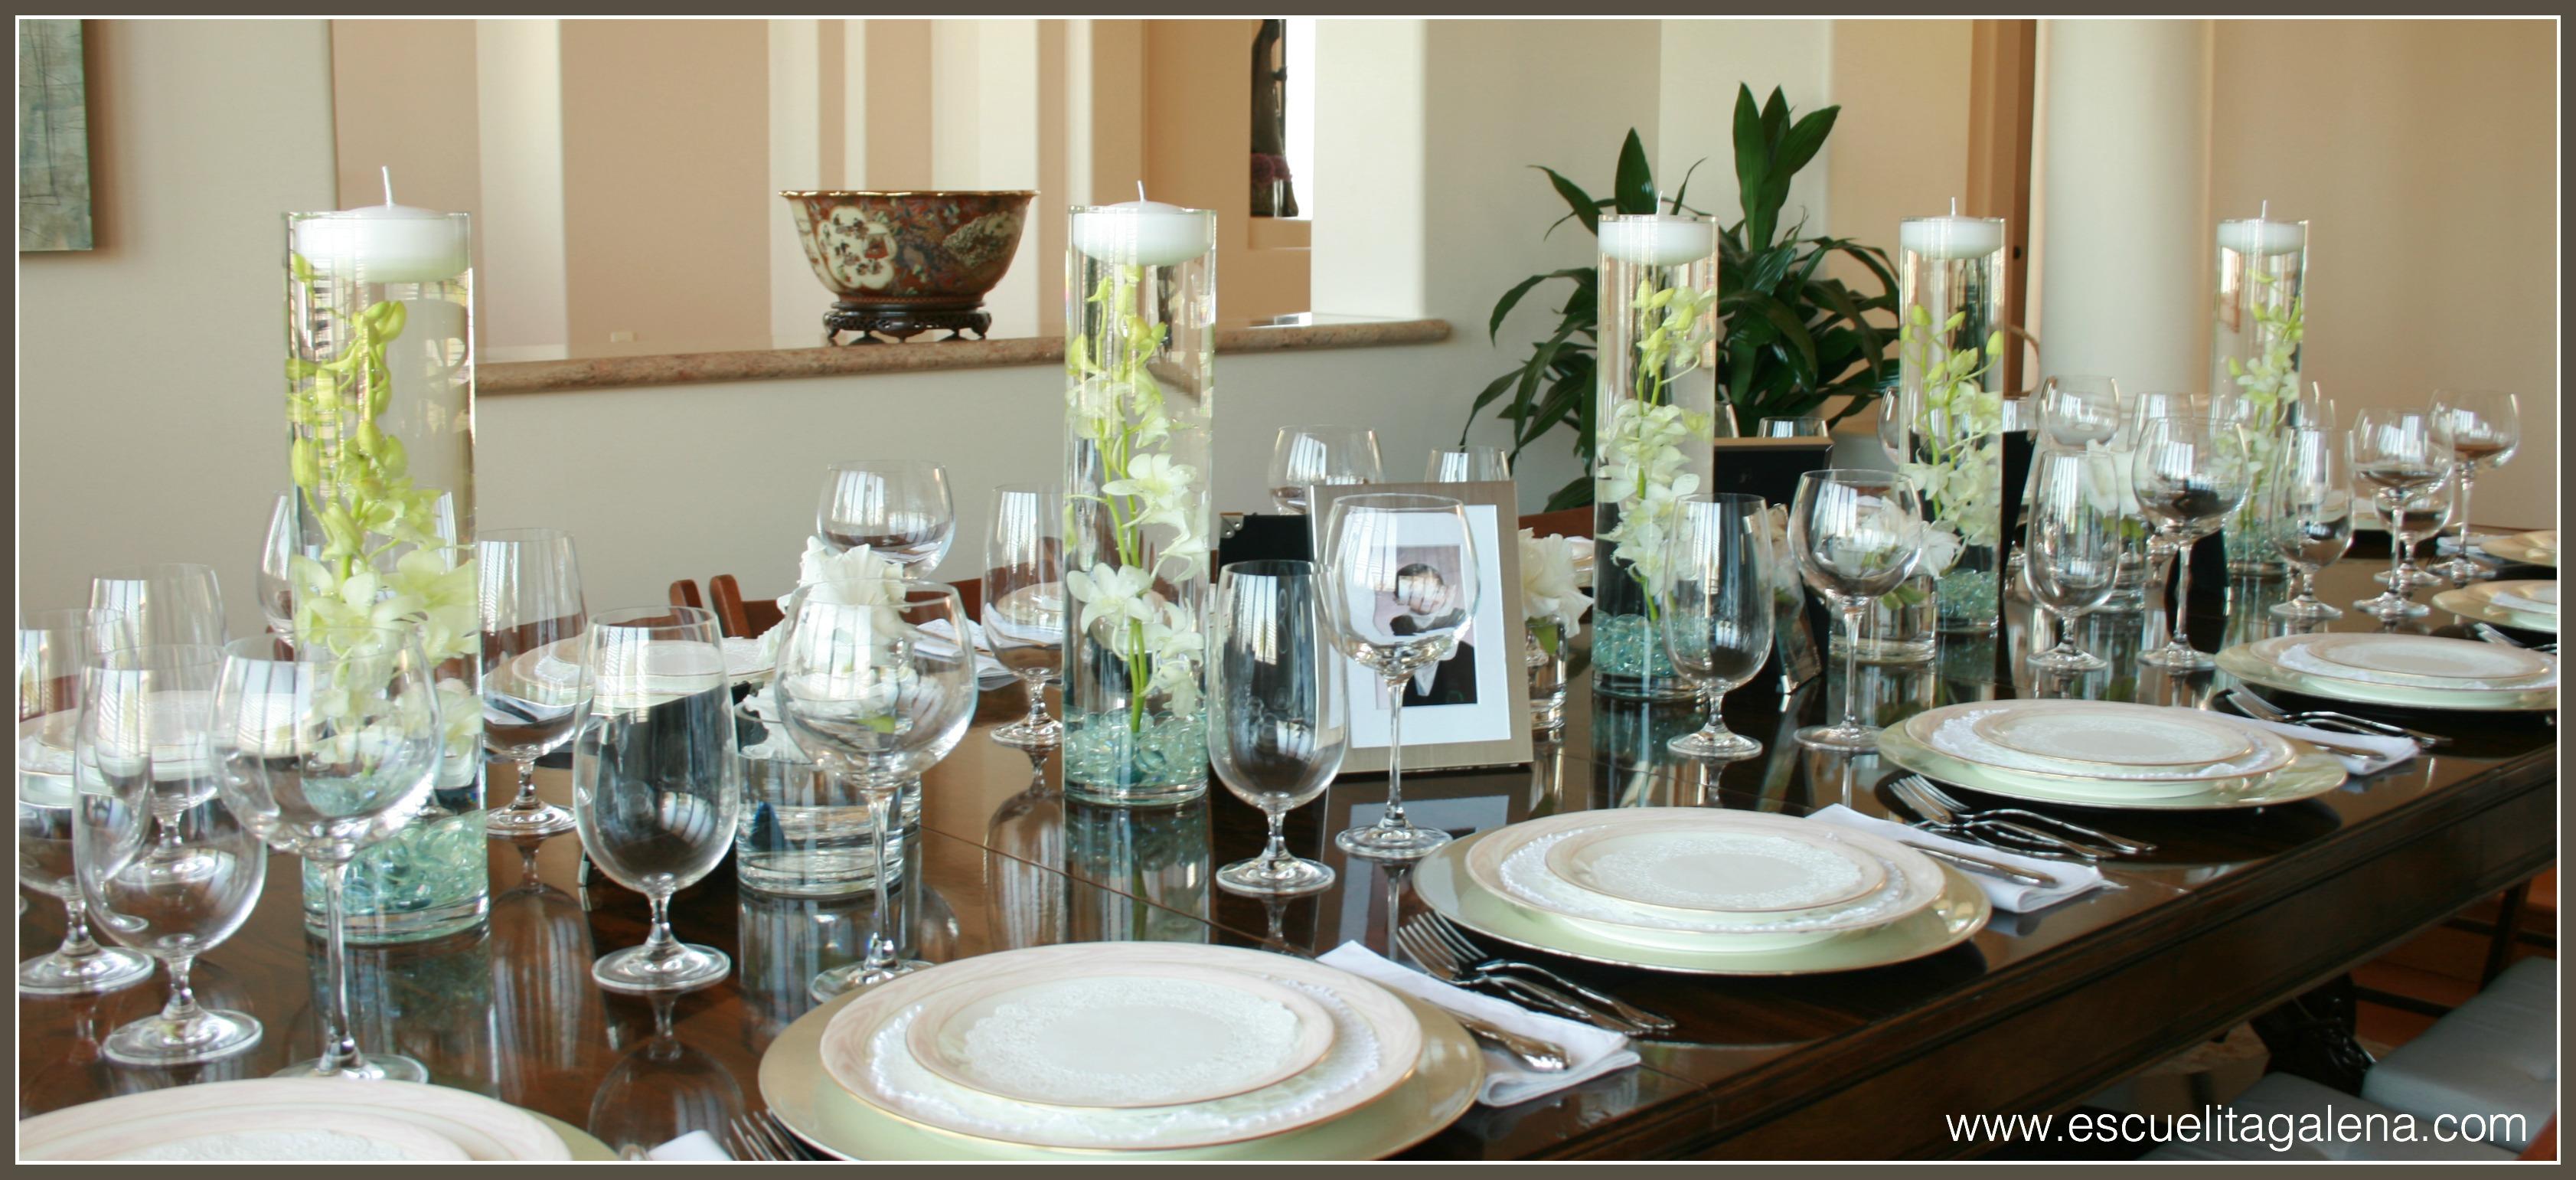 Centro de mesa moderno sencillo y elegante ana galena for Centros de mesa navidenos elegantes